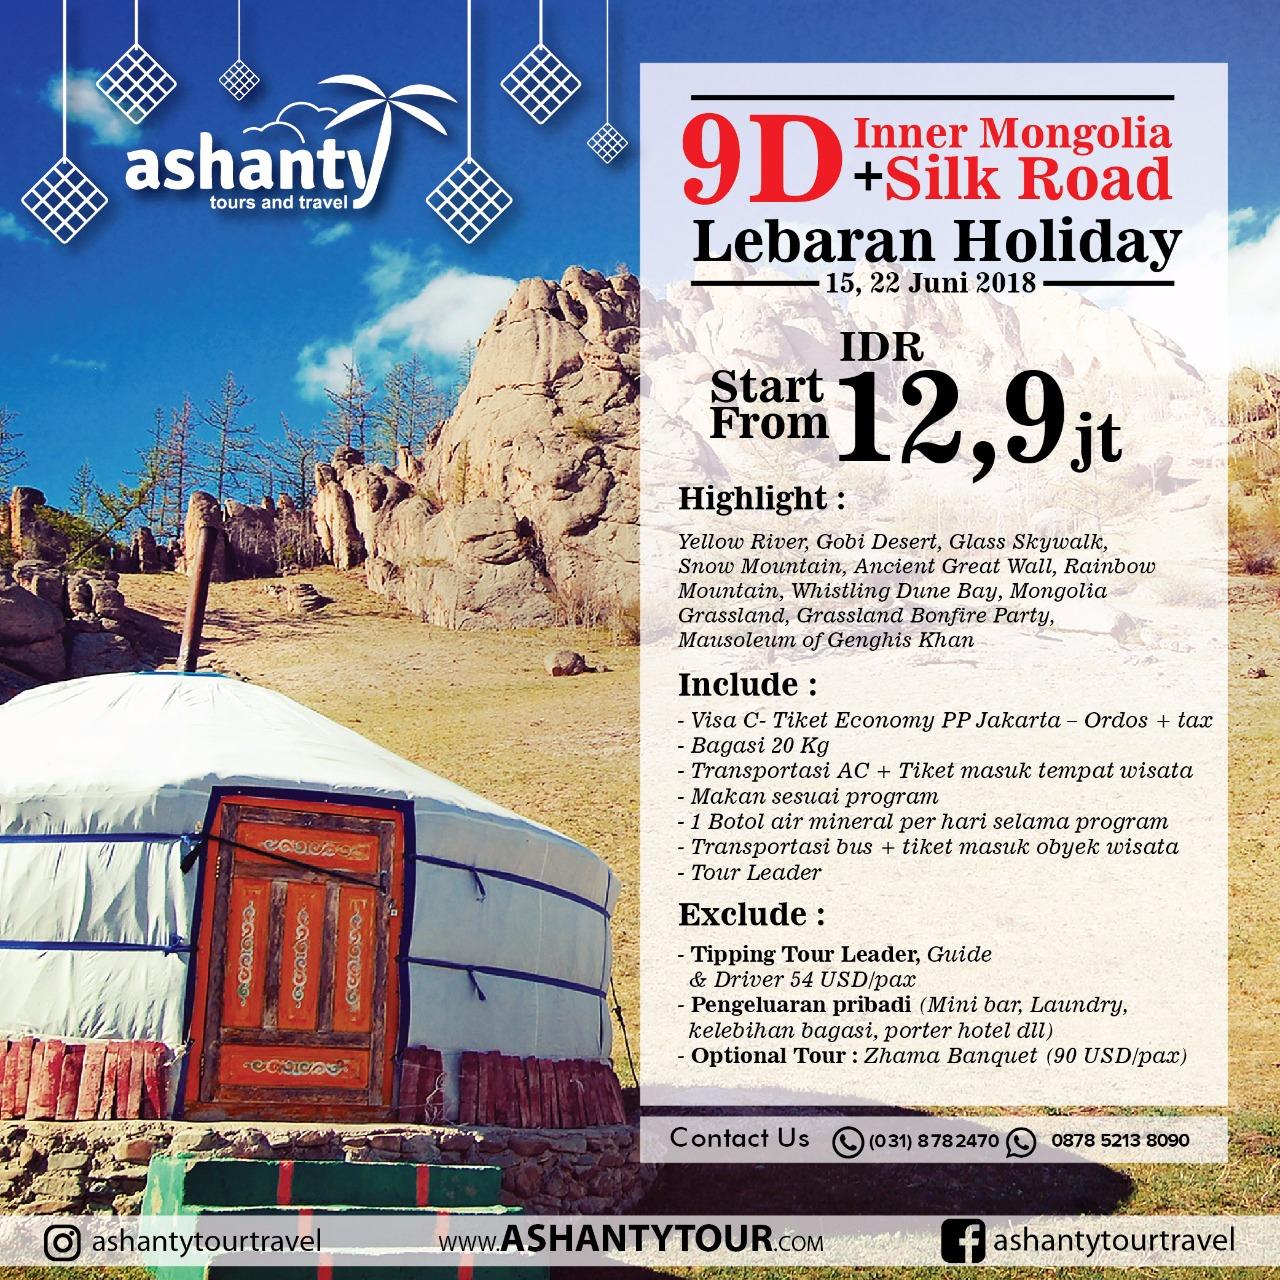 Inner Mongolia + Silk Road Lebaran Tour 2018 (9D)